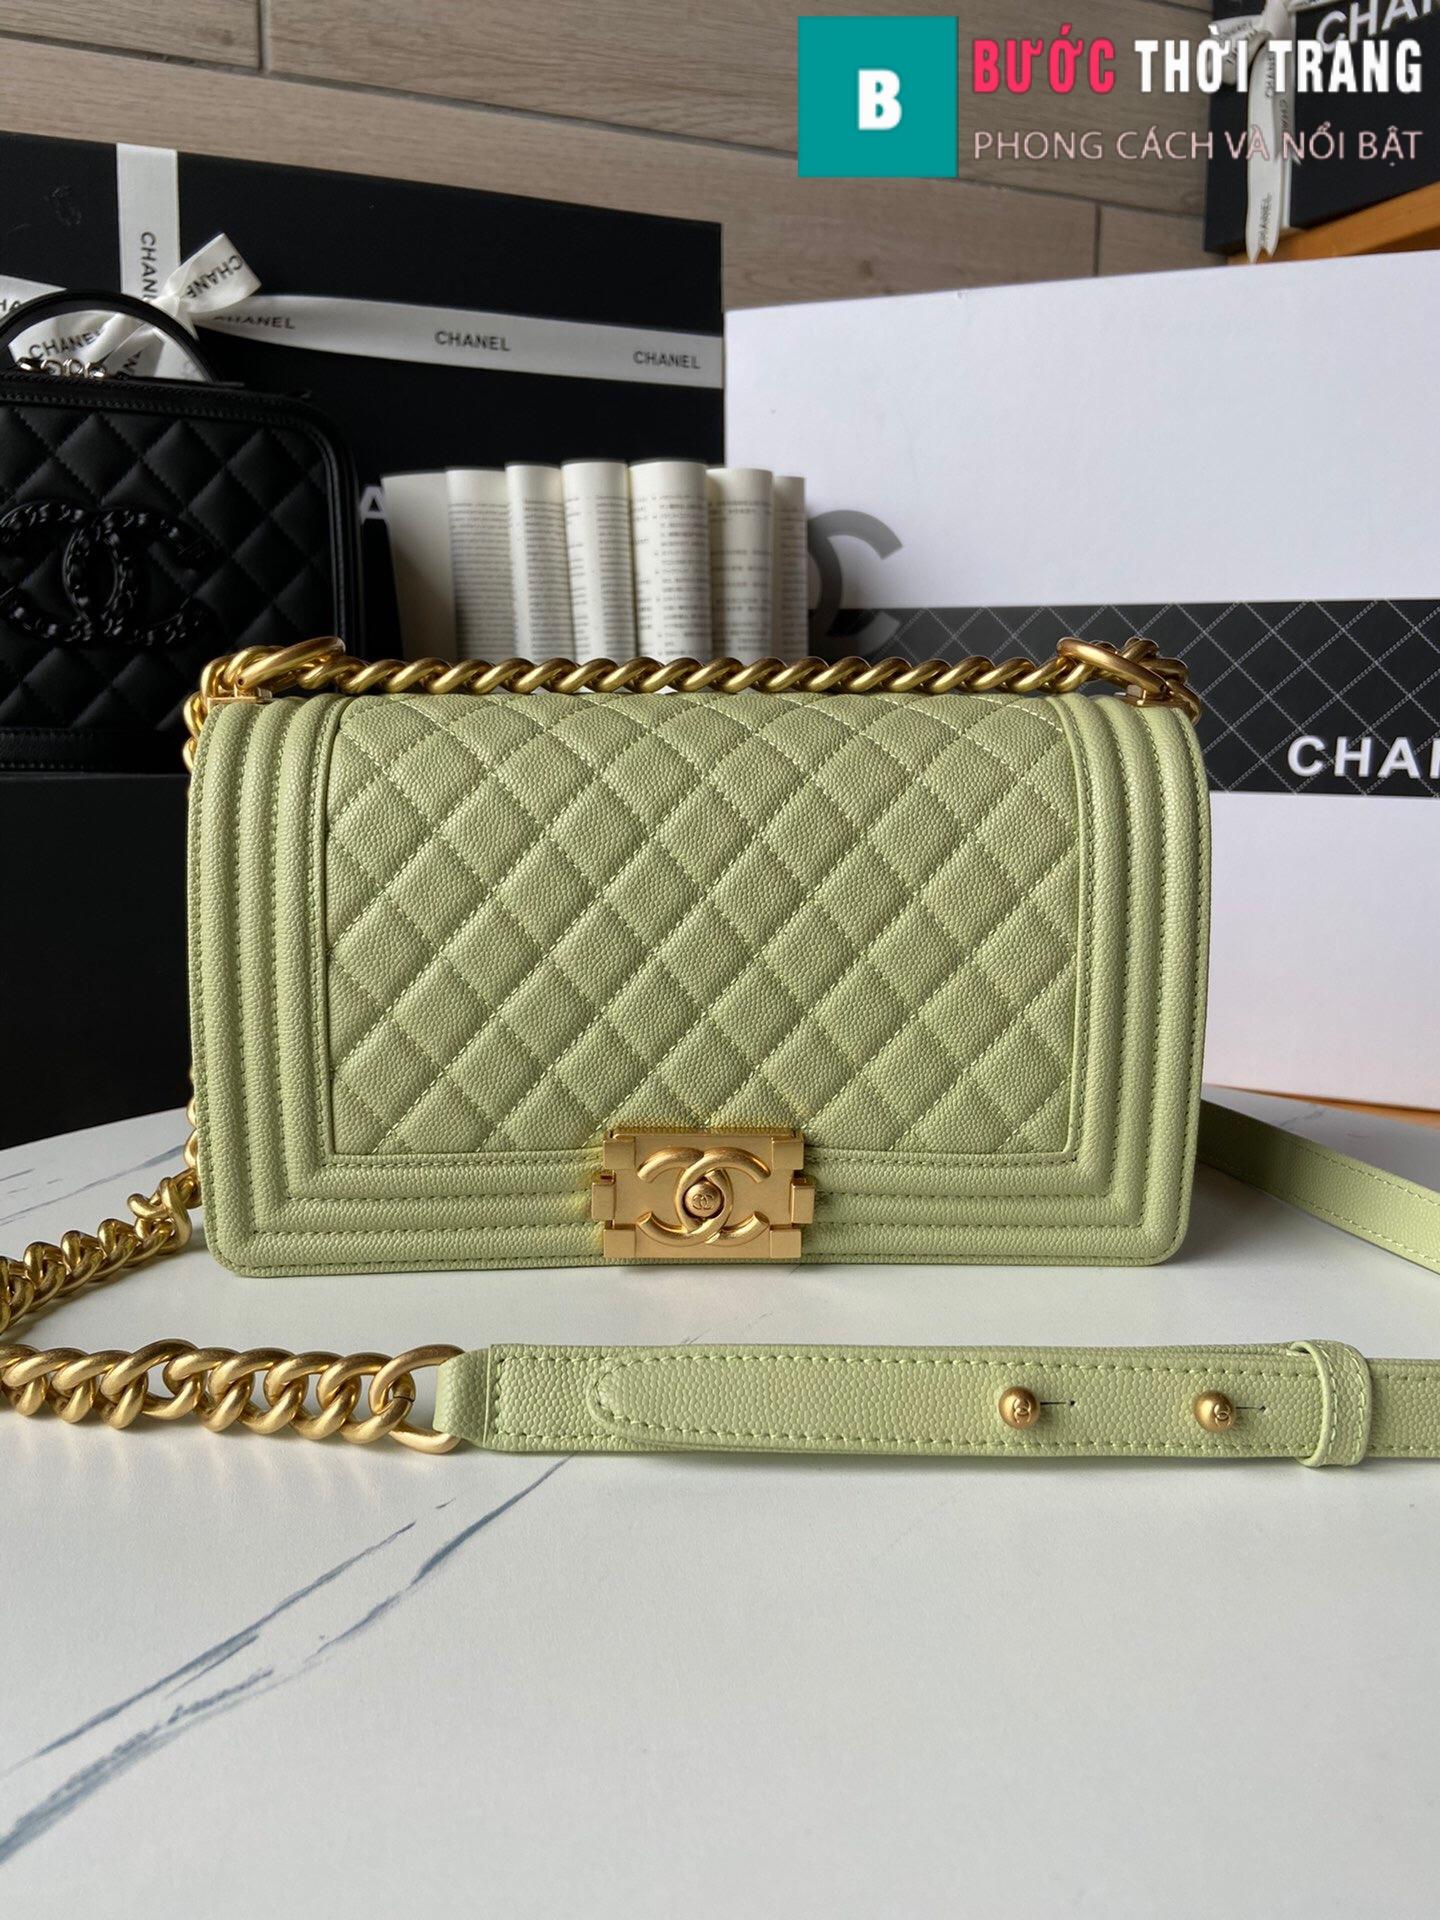 Túi xách Chanel boy siêu cấp – A67086 (78)